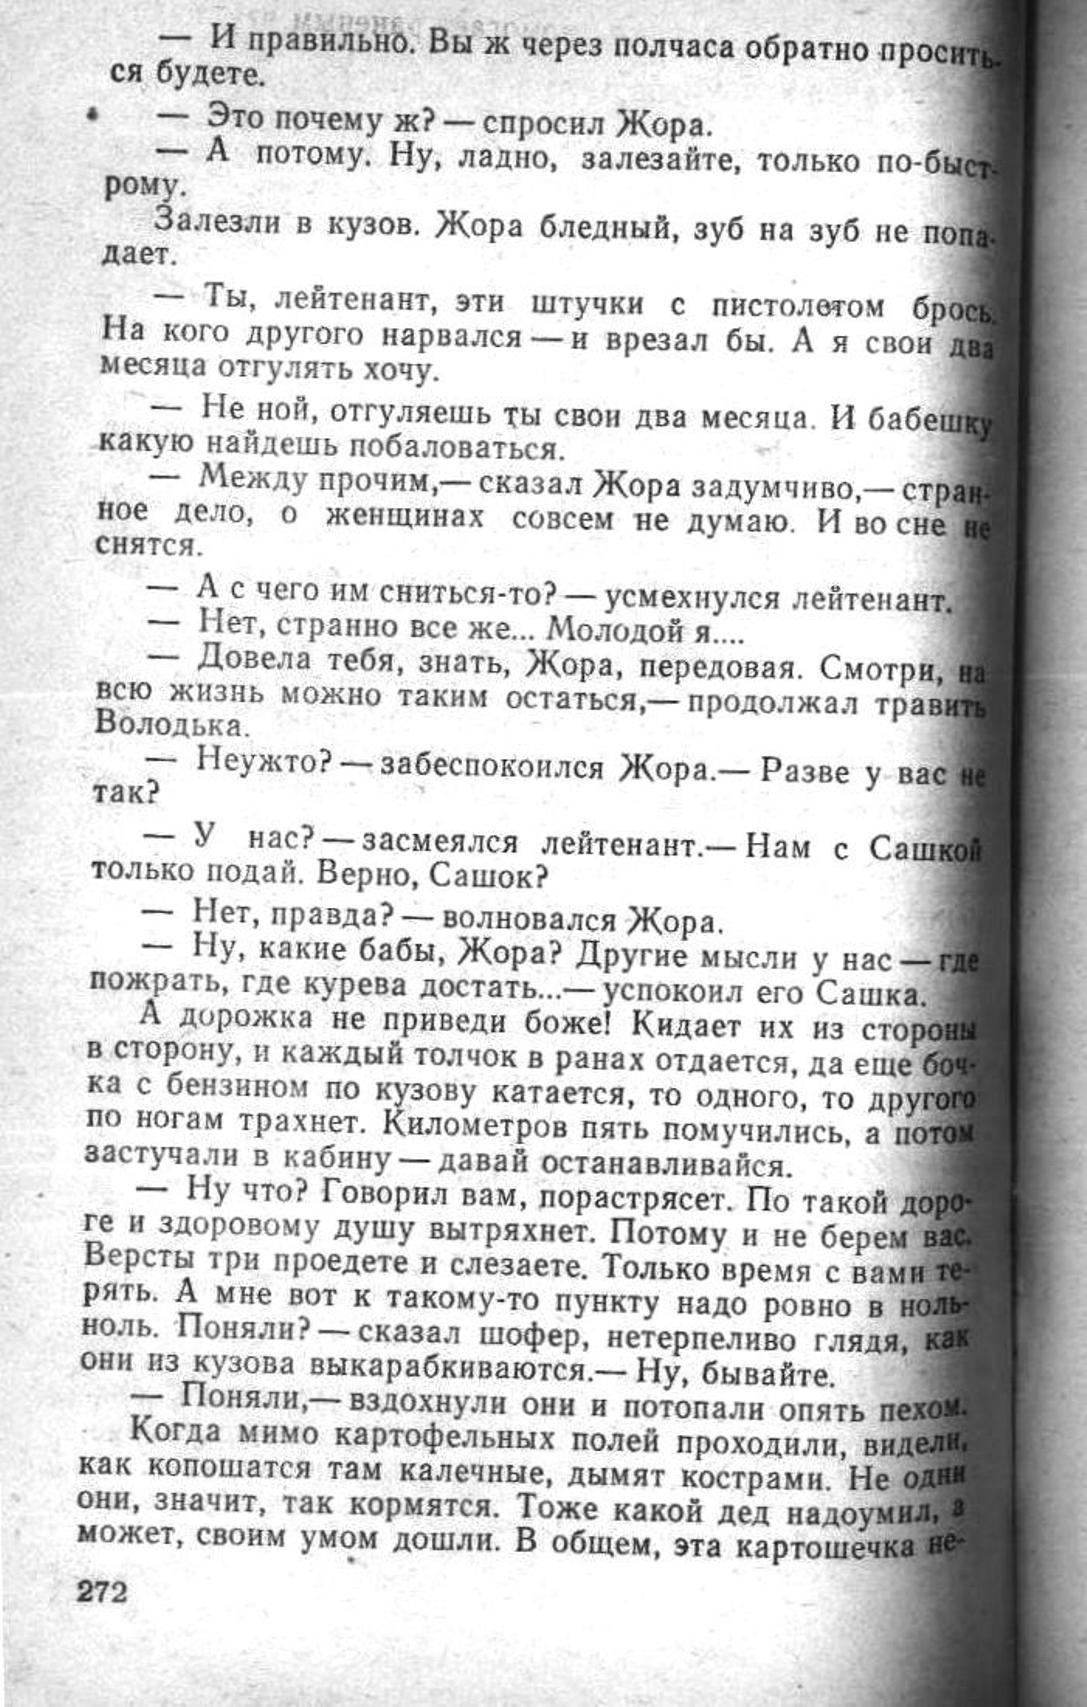 Сашка. Повесть. Вячеслав Кондратьев. 014. 005